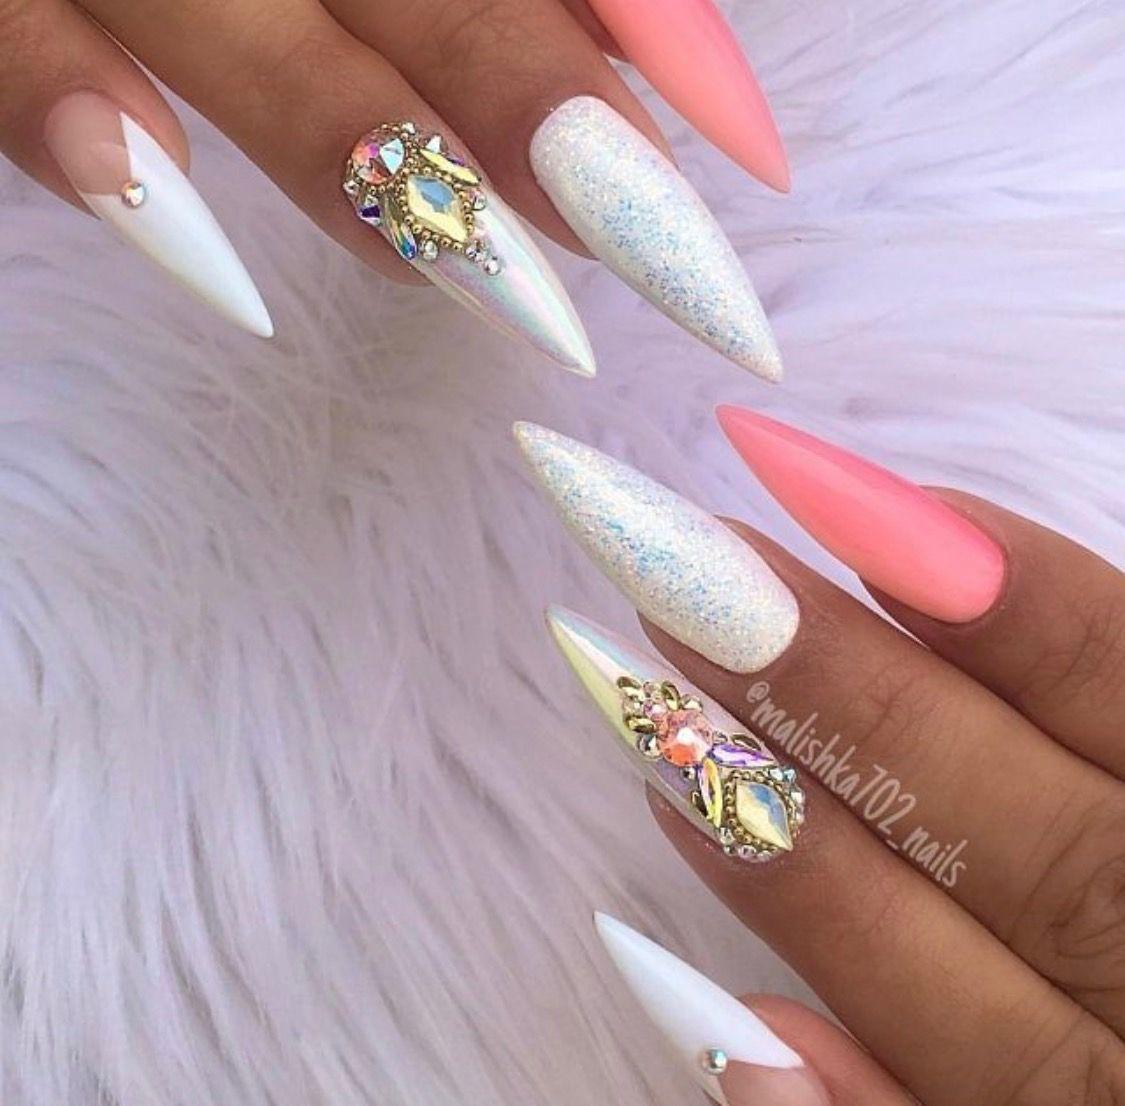 Pin de Christa Moores en Nails!\' | Pinterest | Diseños de uñas, Arte ...